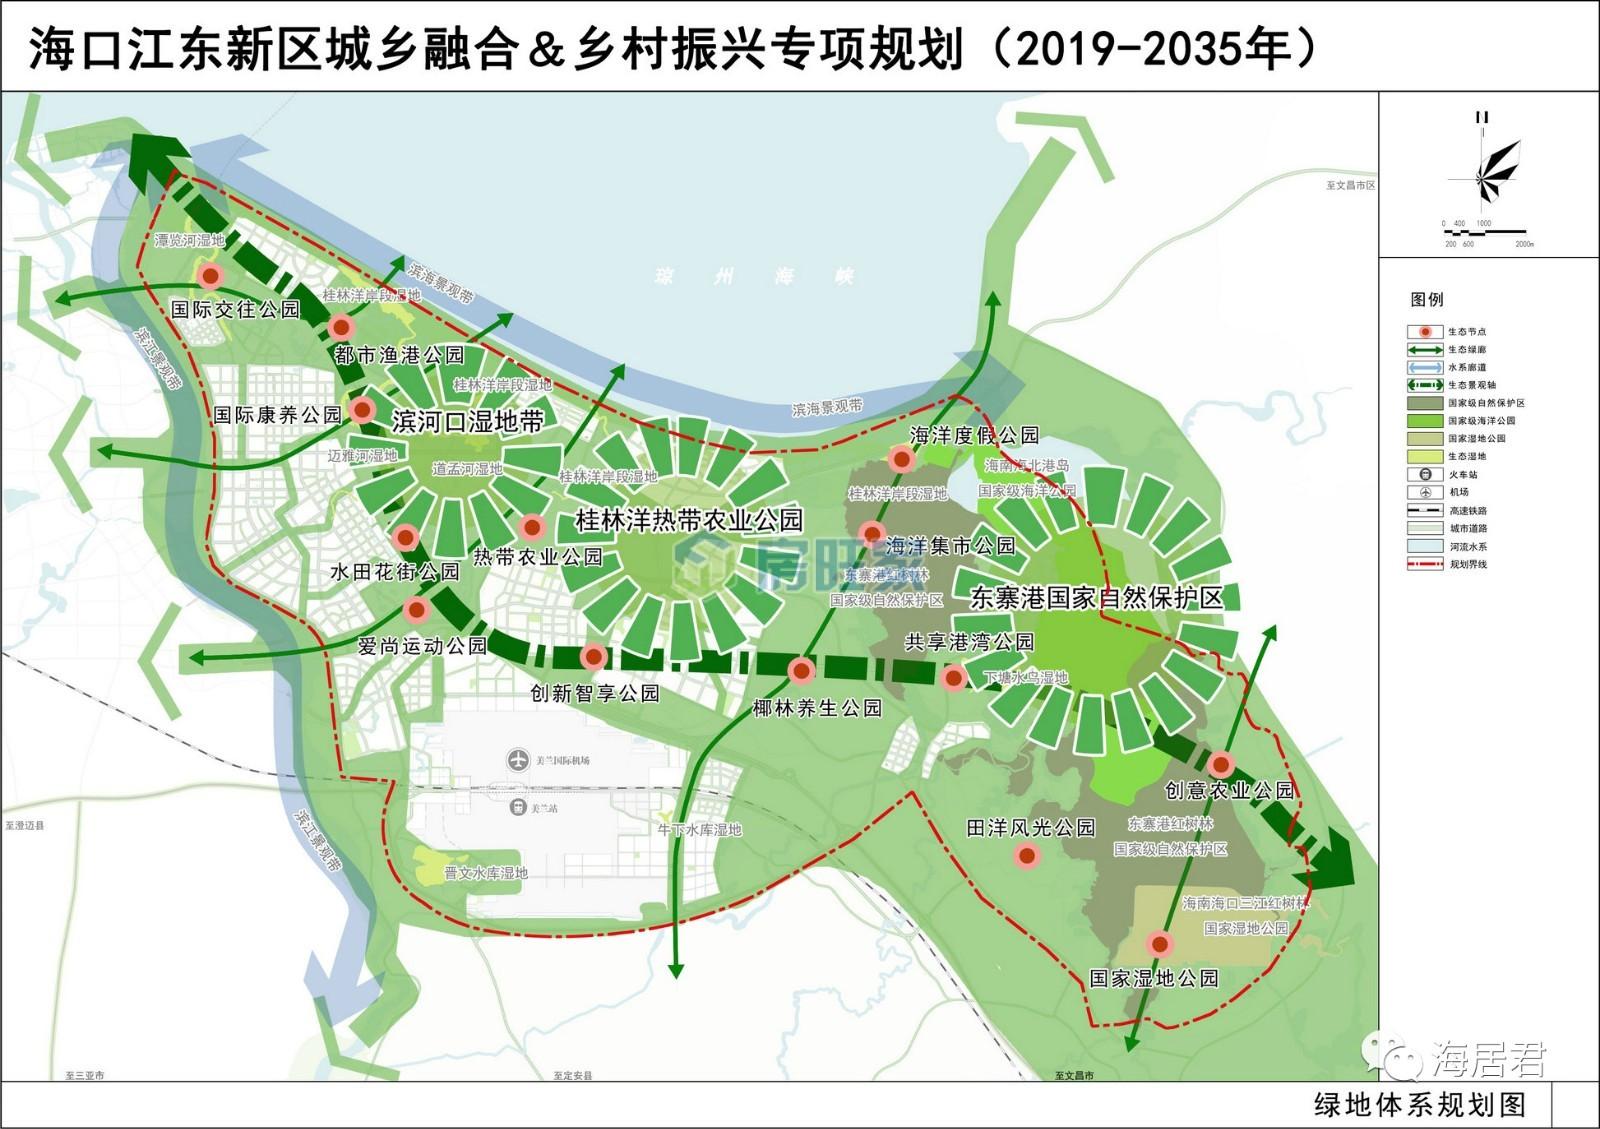 海口江东新区城乡融合&乡村振兴专项规划绿地体系规划图